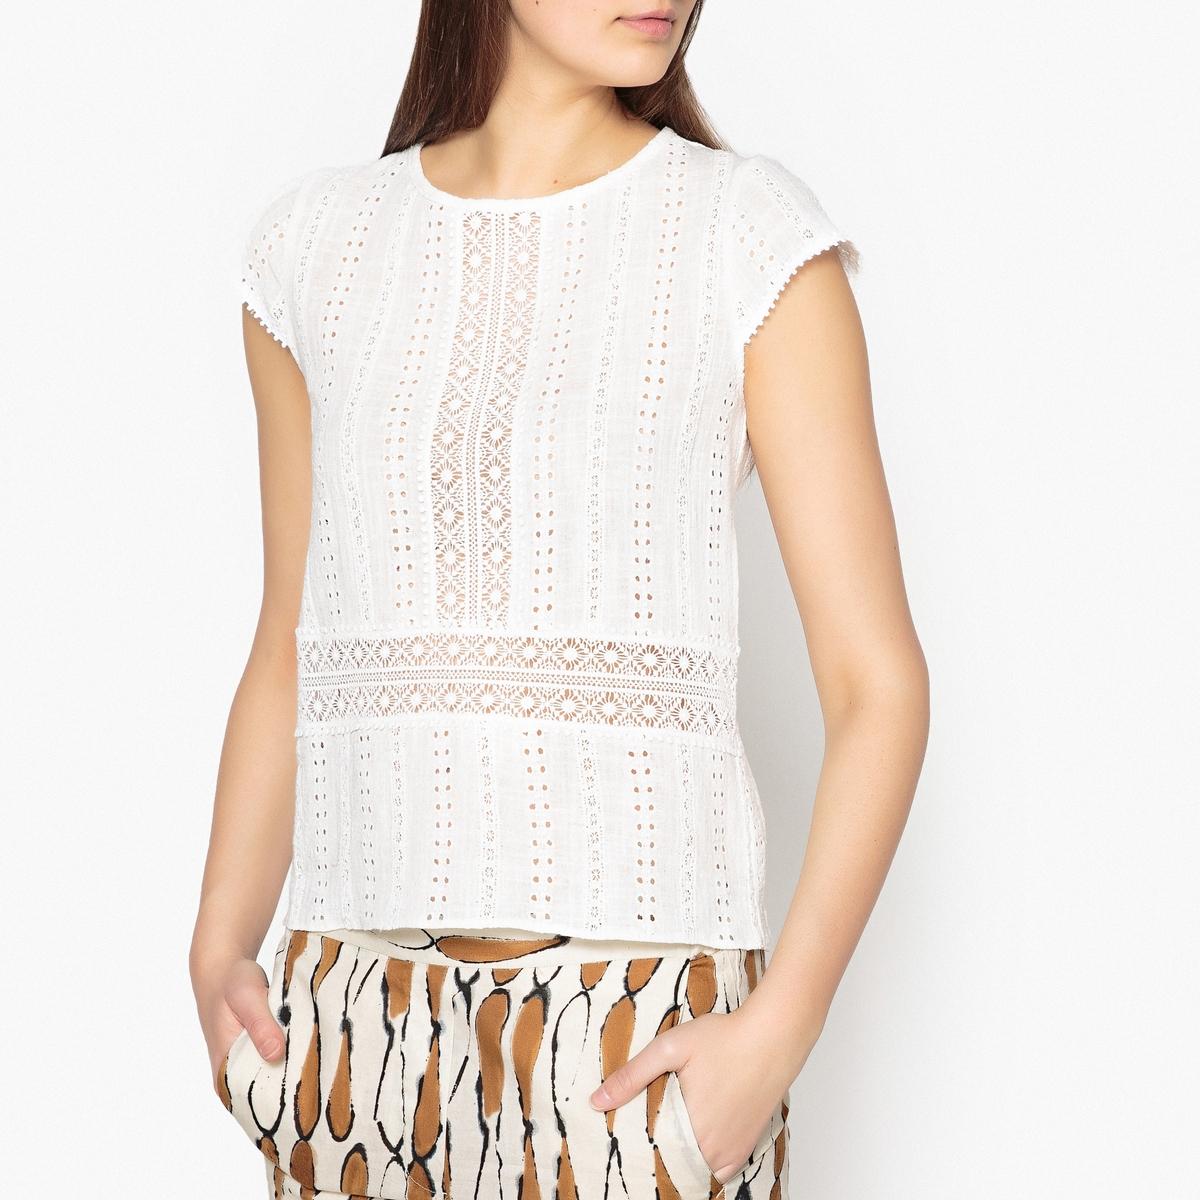 Блузка с кружевом и вышивкой JESSA блузка кружевная с короткими рукавами